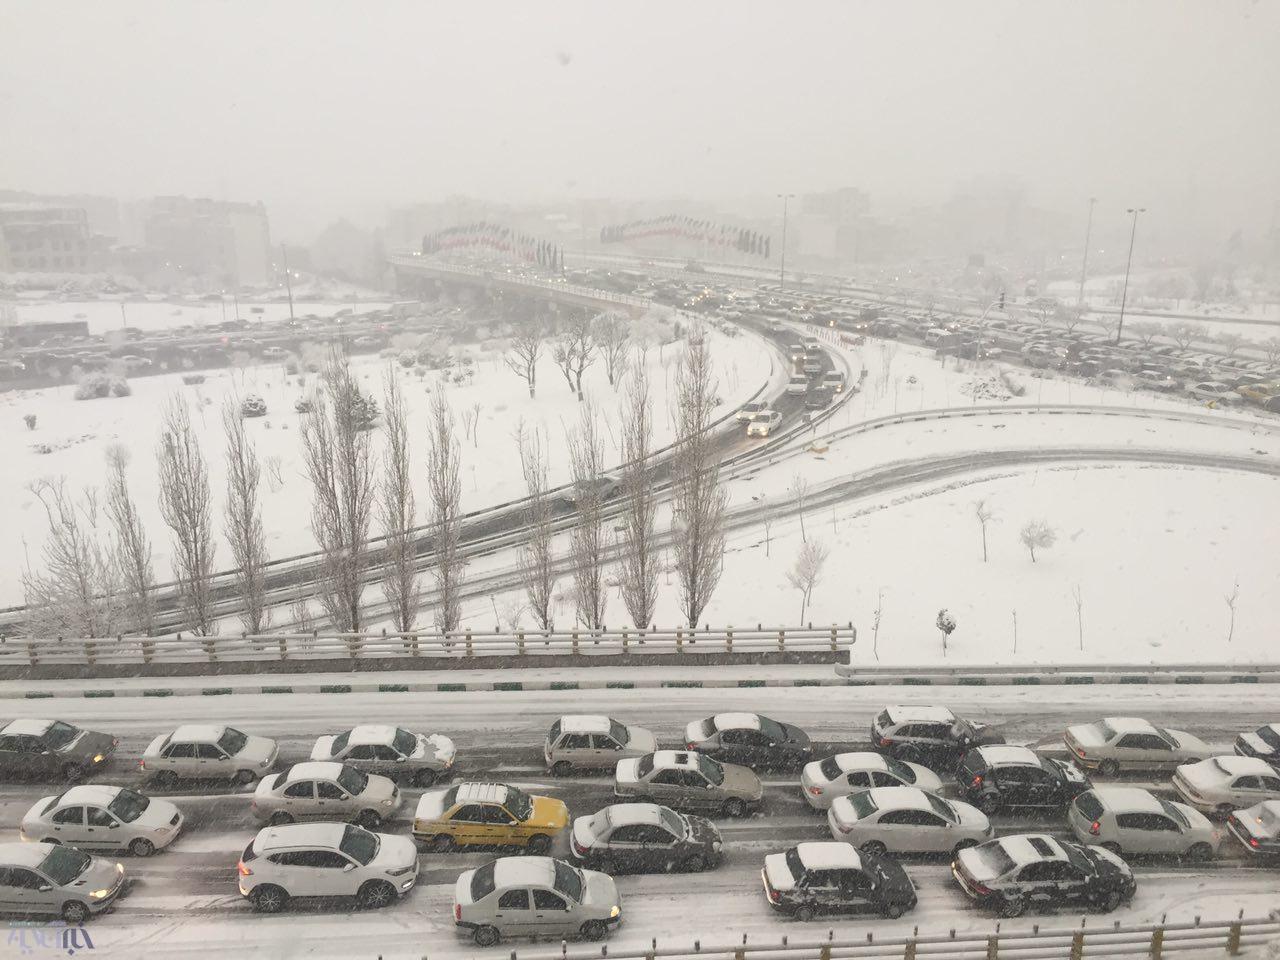 عکس/بارش برف در تهران و ترافیک سنگین در بزرگراهها